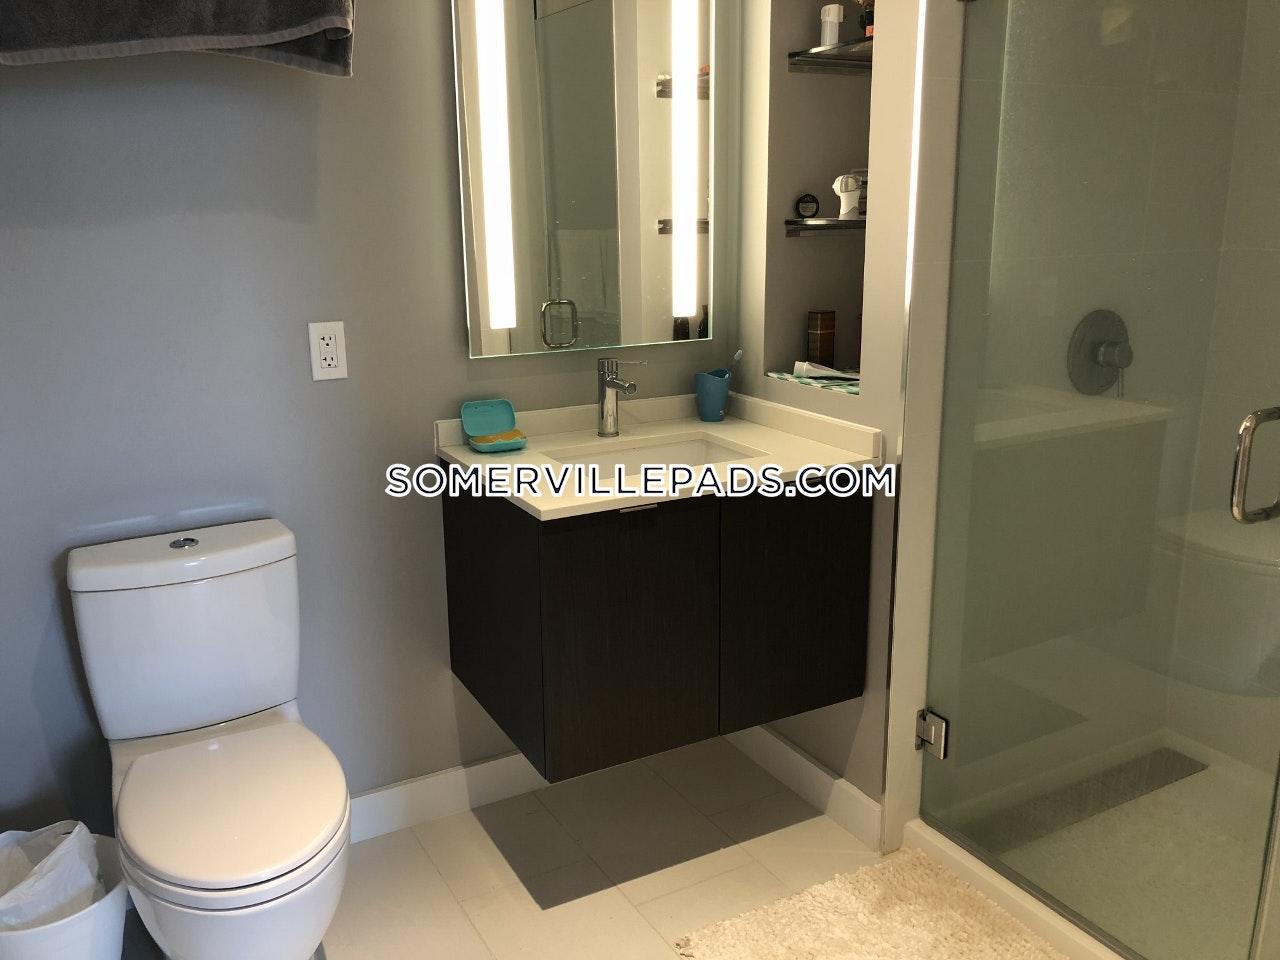 2-beds-2-baths-somerville-winter-hill-4000-453050